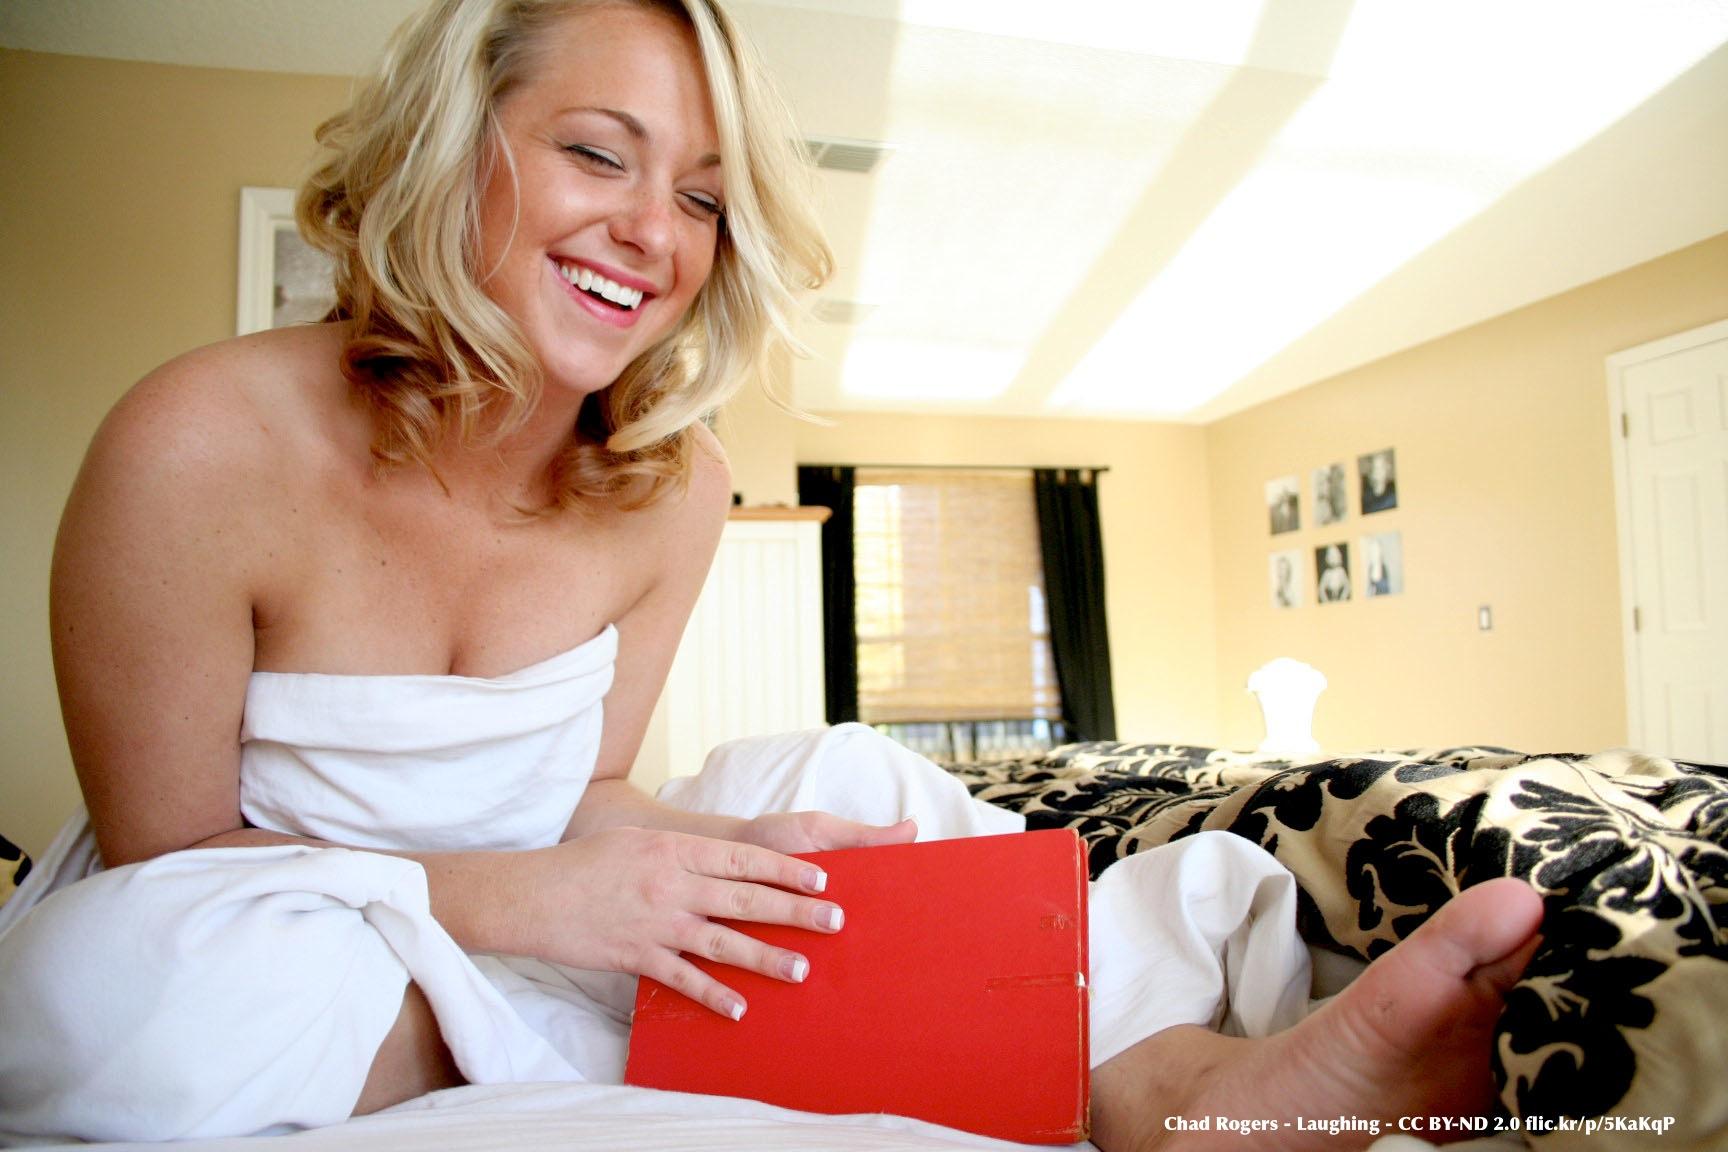 Foto di Chad Rogers con giovane donna bionda che ride, seduta sul letto con in mano un libro rosso